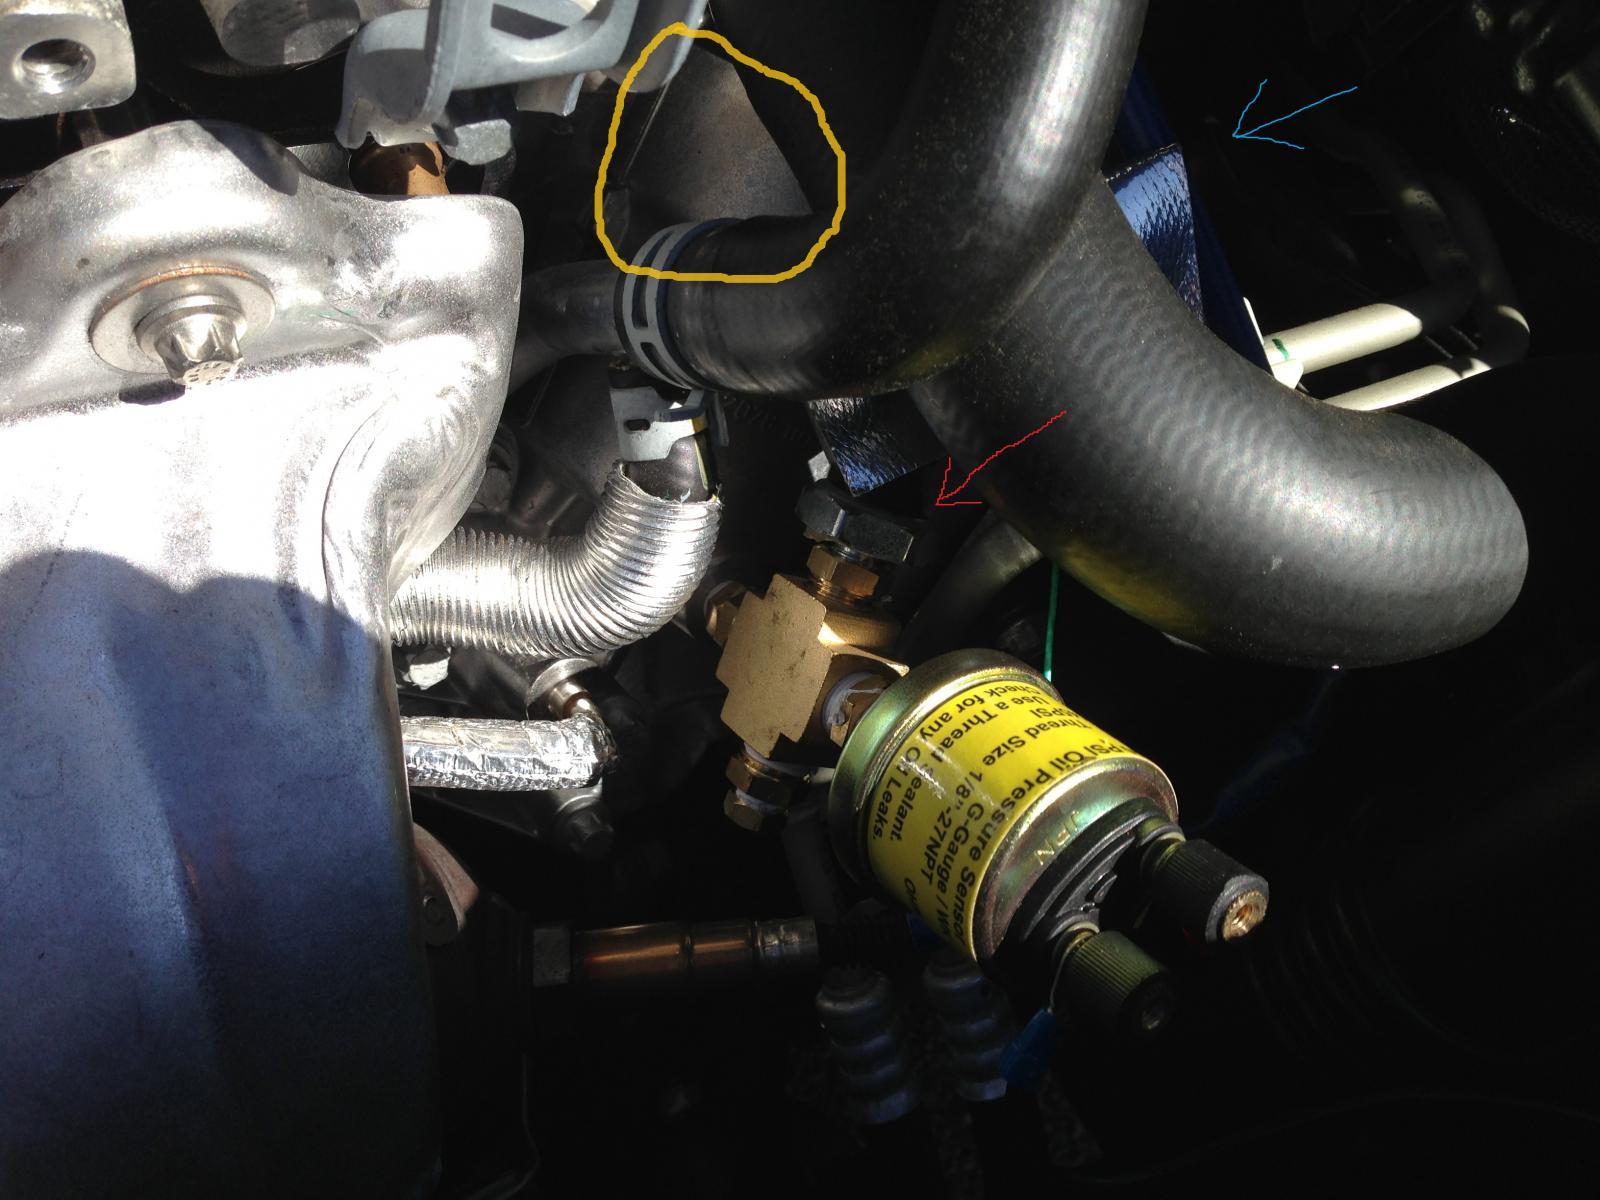 Gm Oil Pressure Sender Wiring Diagram Wiring Library